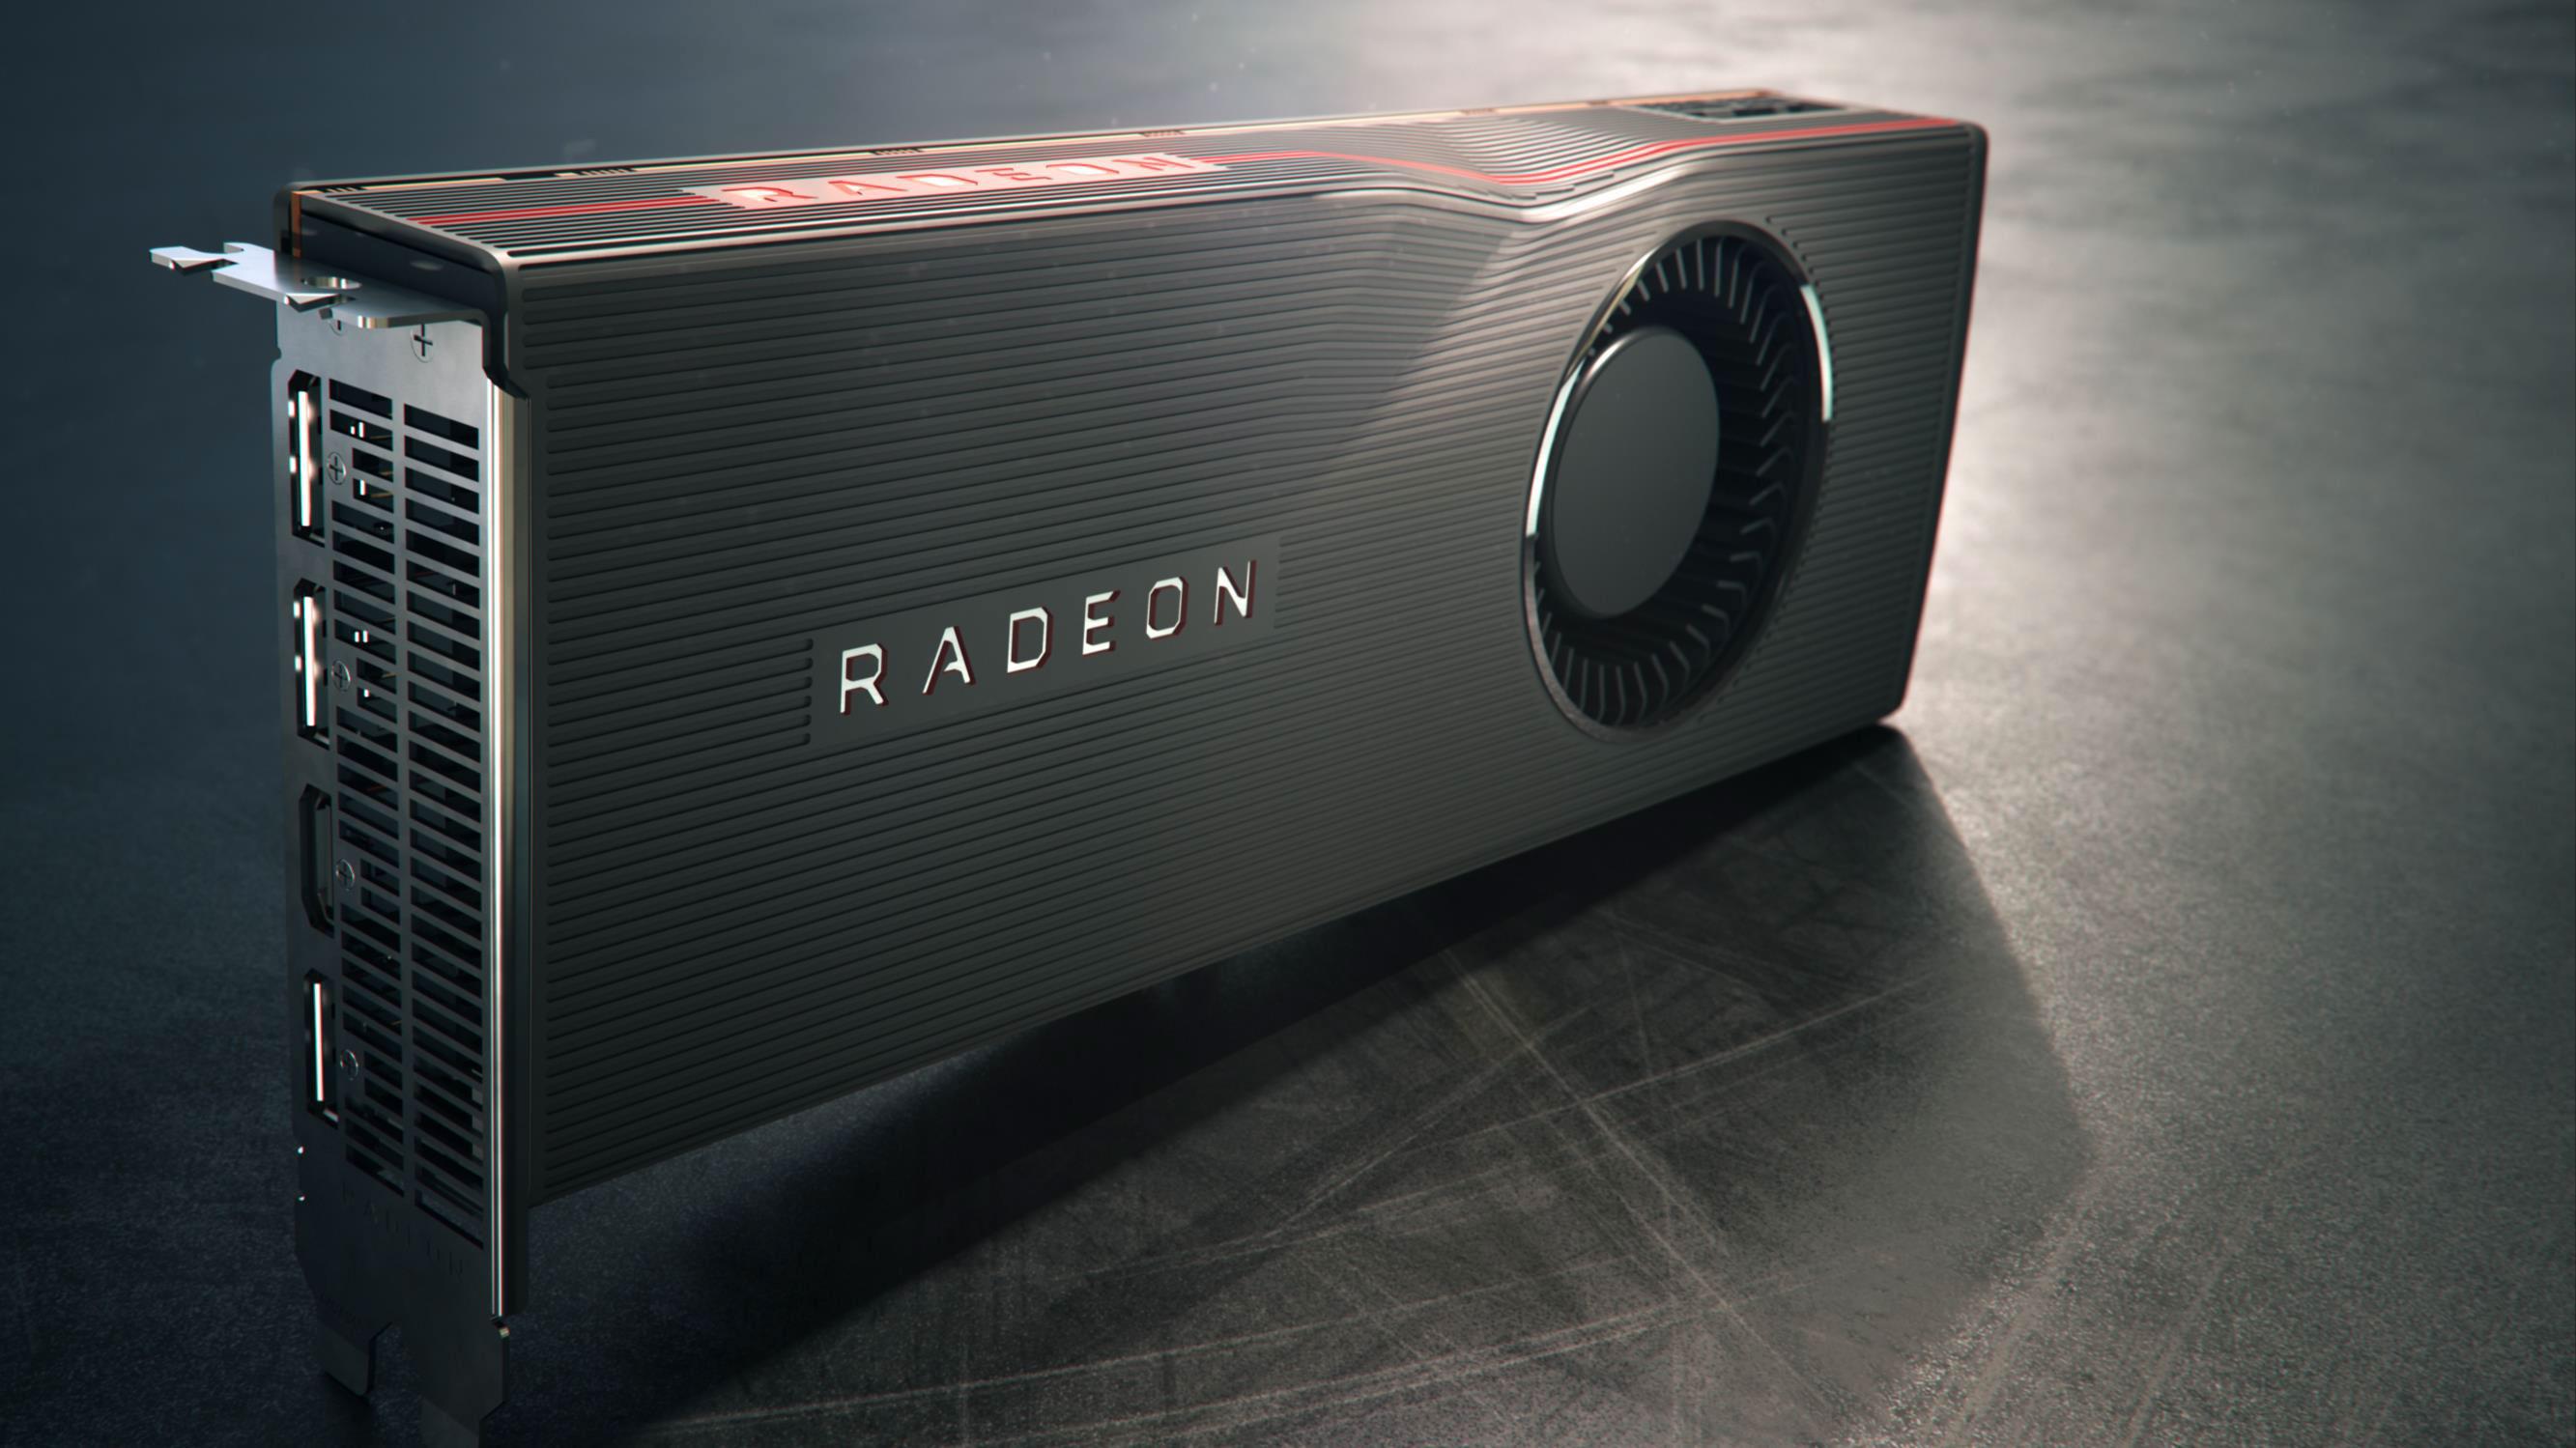 AMD thừa nhận việc giảm giá dòng card Radeon RX 5700 là một cái bẫy cho NVIDIA